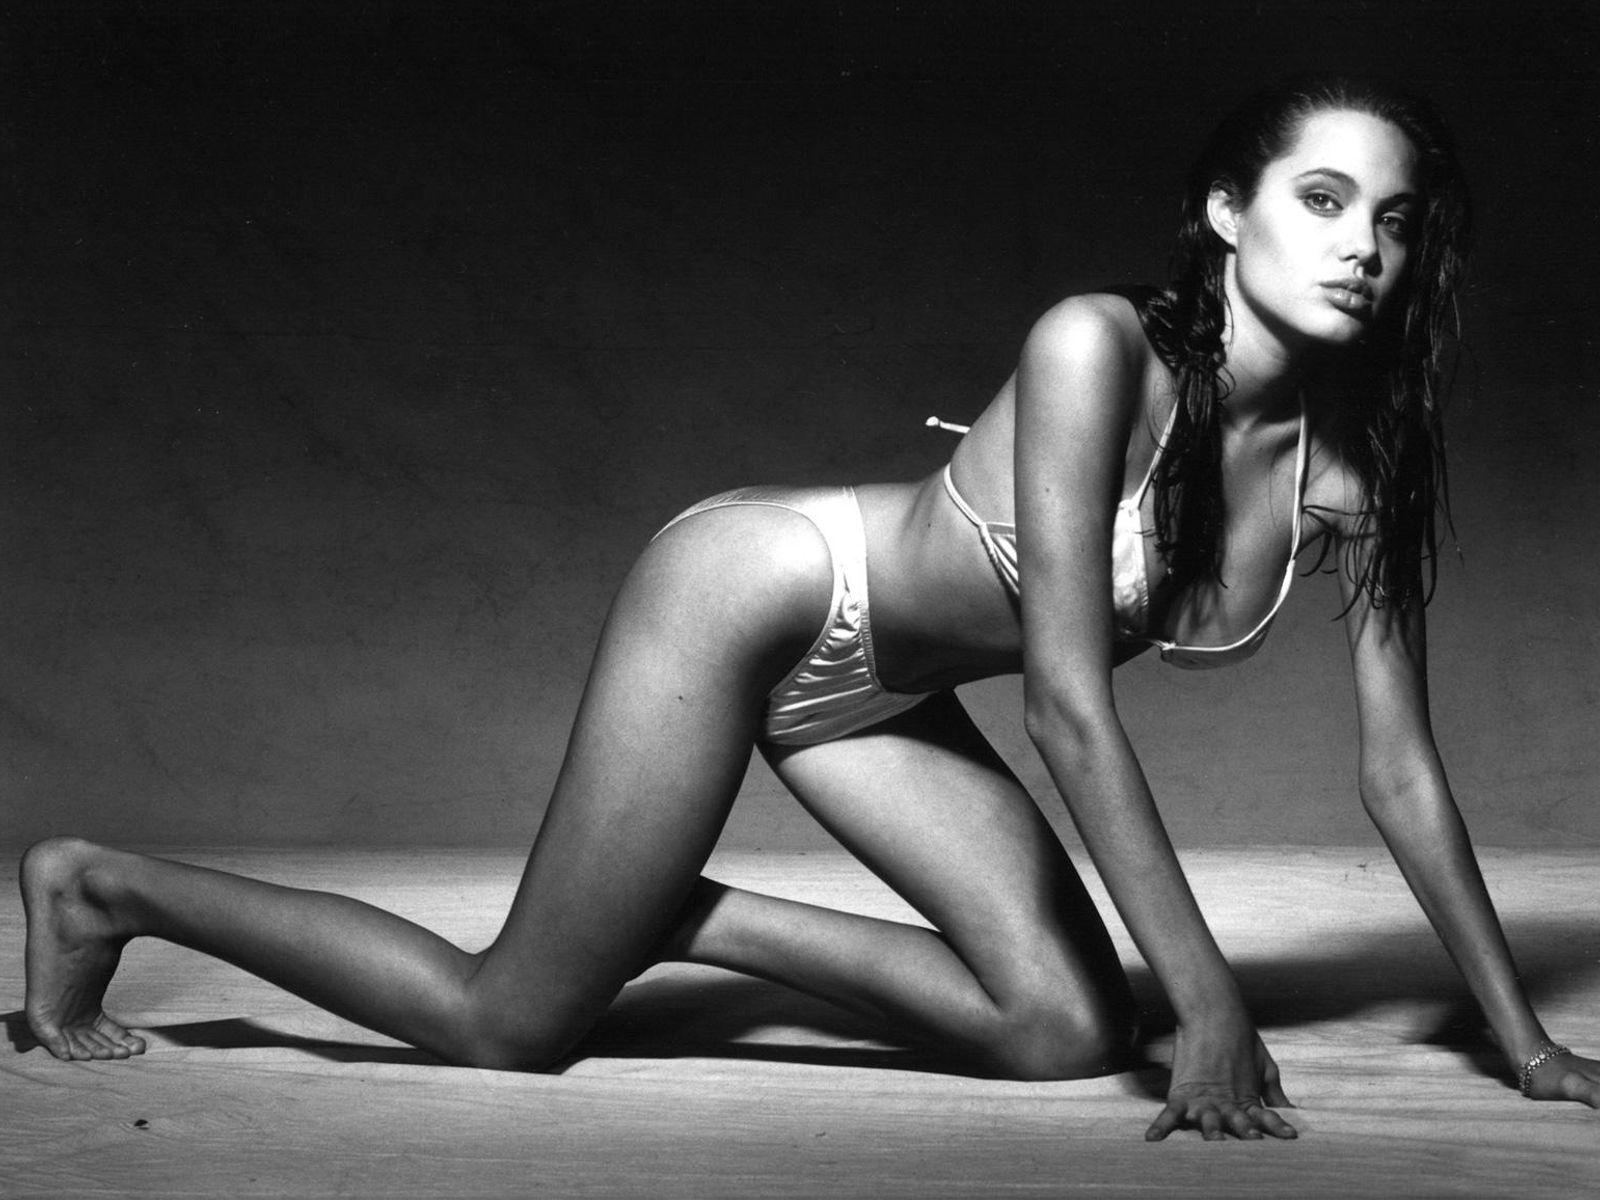 http://3.bp.blogspot.com/-BzTQ7Nr2QVA/TfMeeTevSjI/AAAAAAAACNw/MVPKQy9MX3s/s1600/Angelina+Jolie+%25282%2529.jpg